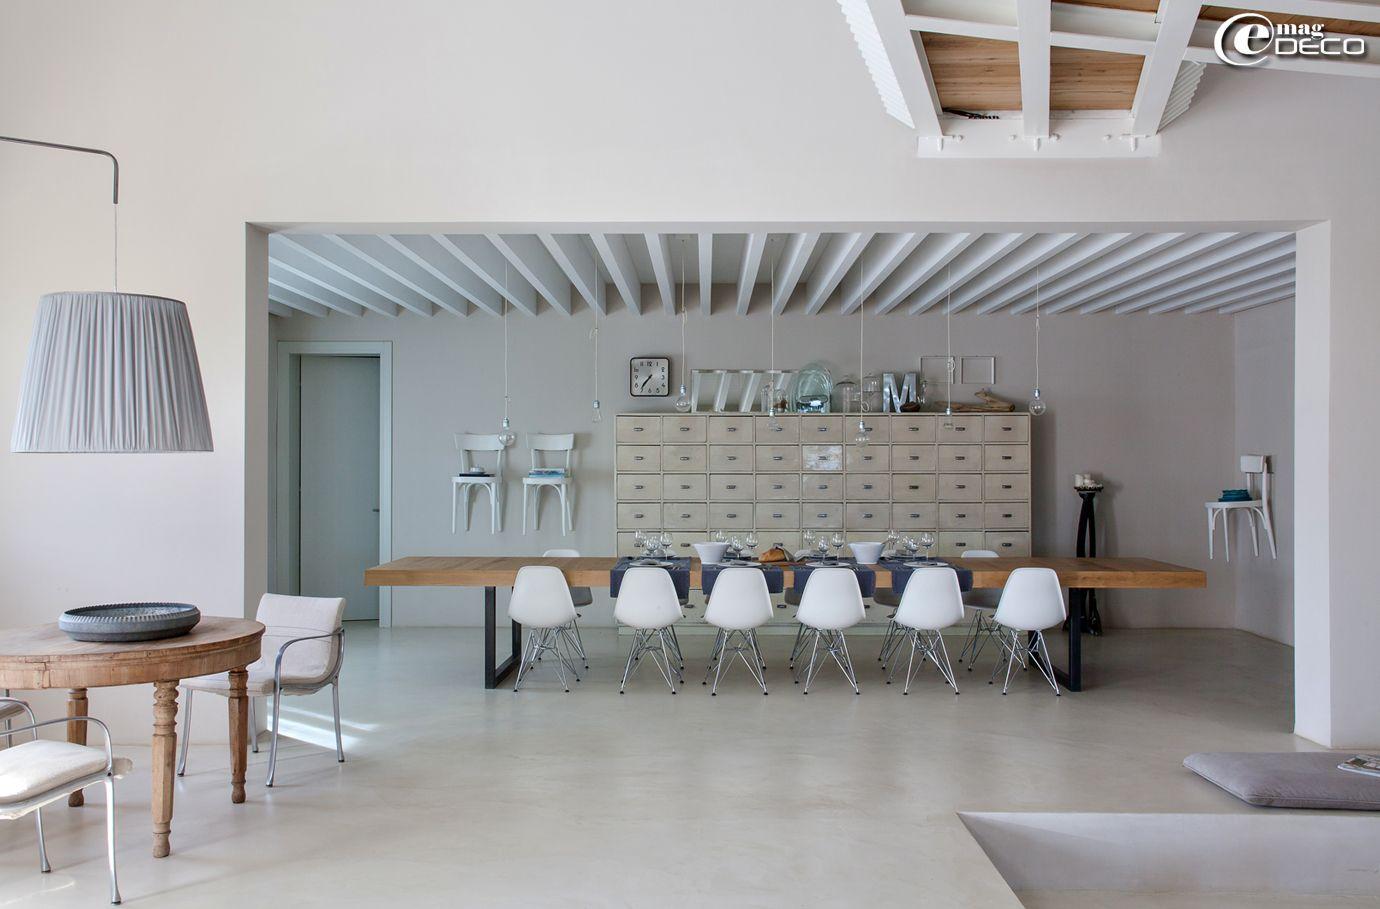 Dans La Maison Dhôtes Malatesta Près De Pergola En Italie Une - Table salle a manger design italien pour idees de deco de cuisine